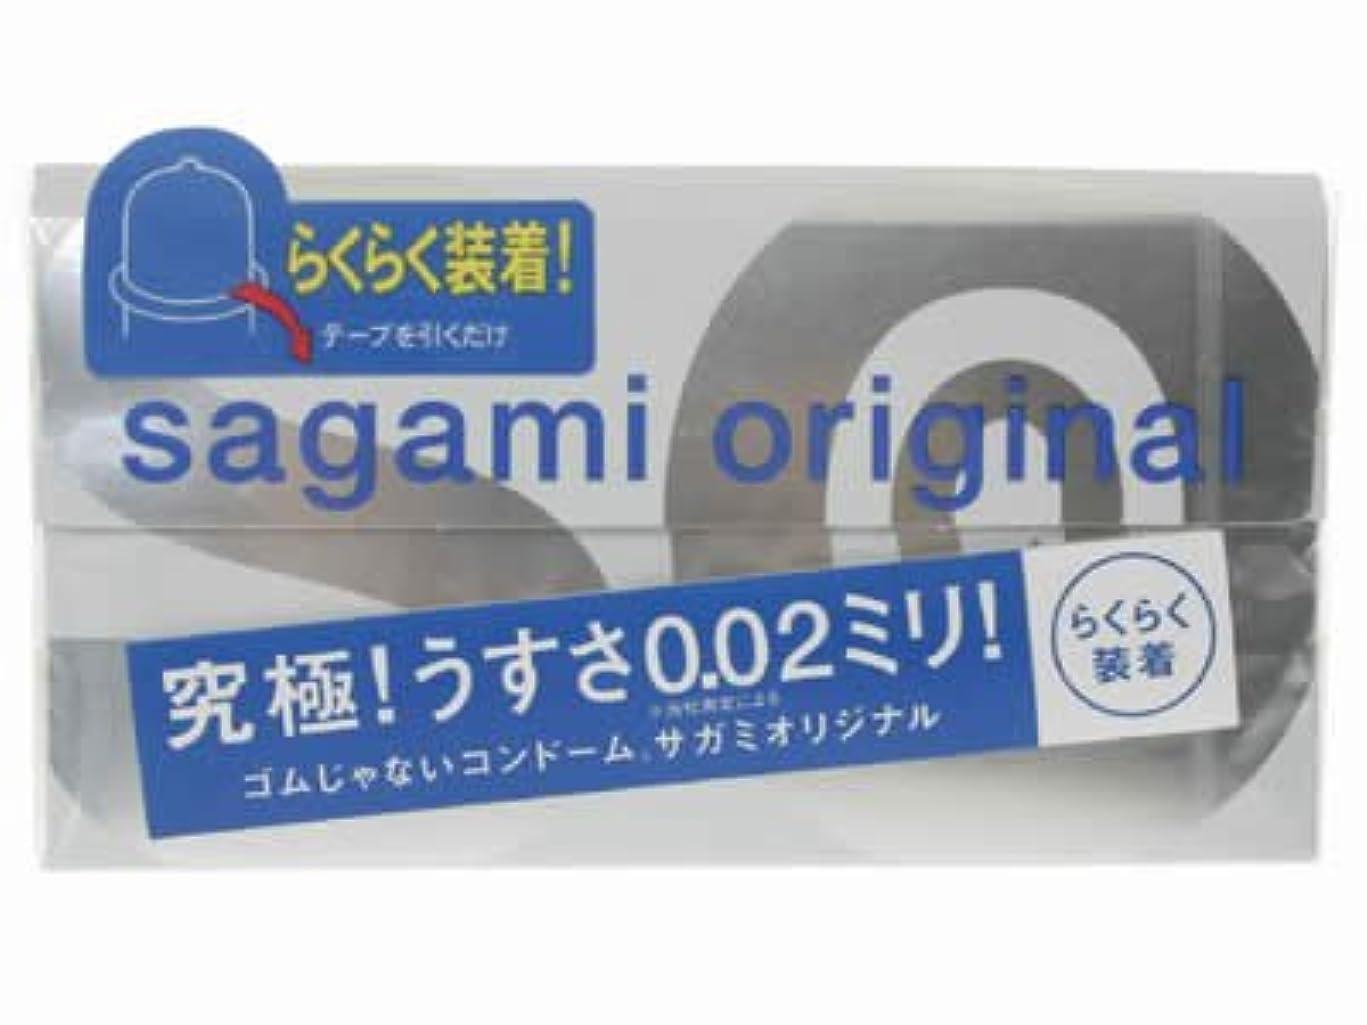 サガミオリジナルクイック002 6コいり ×3個セット